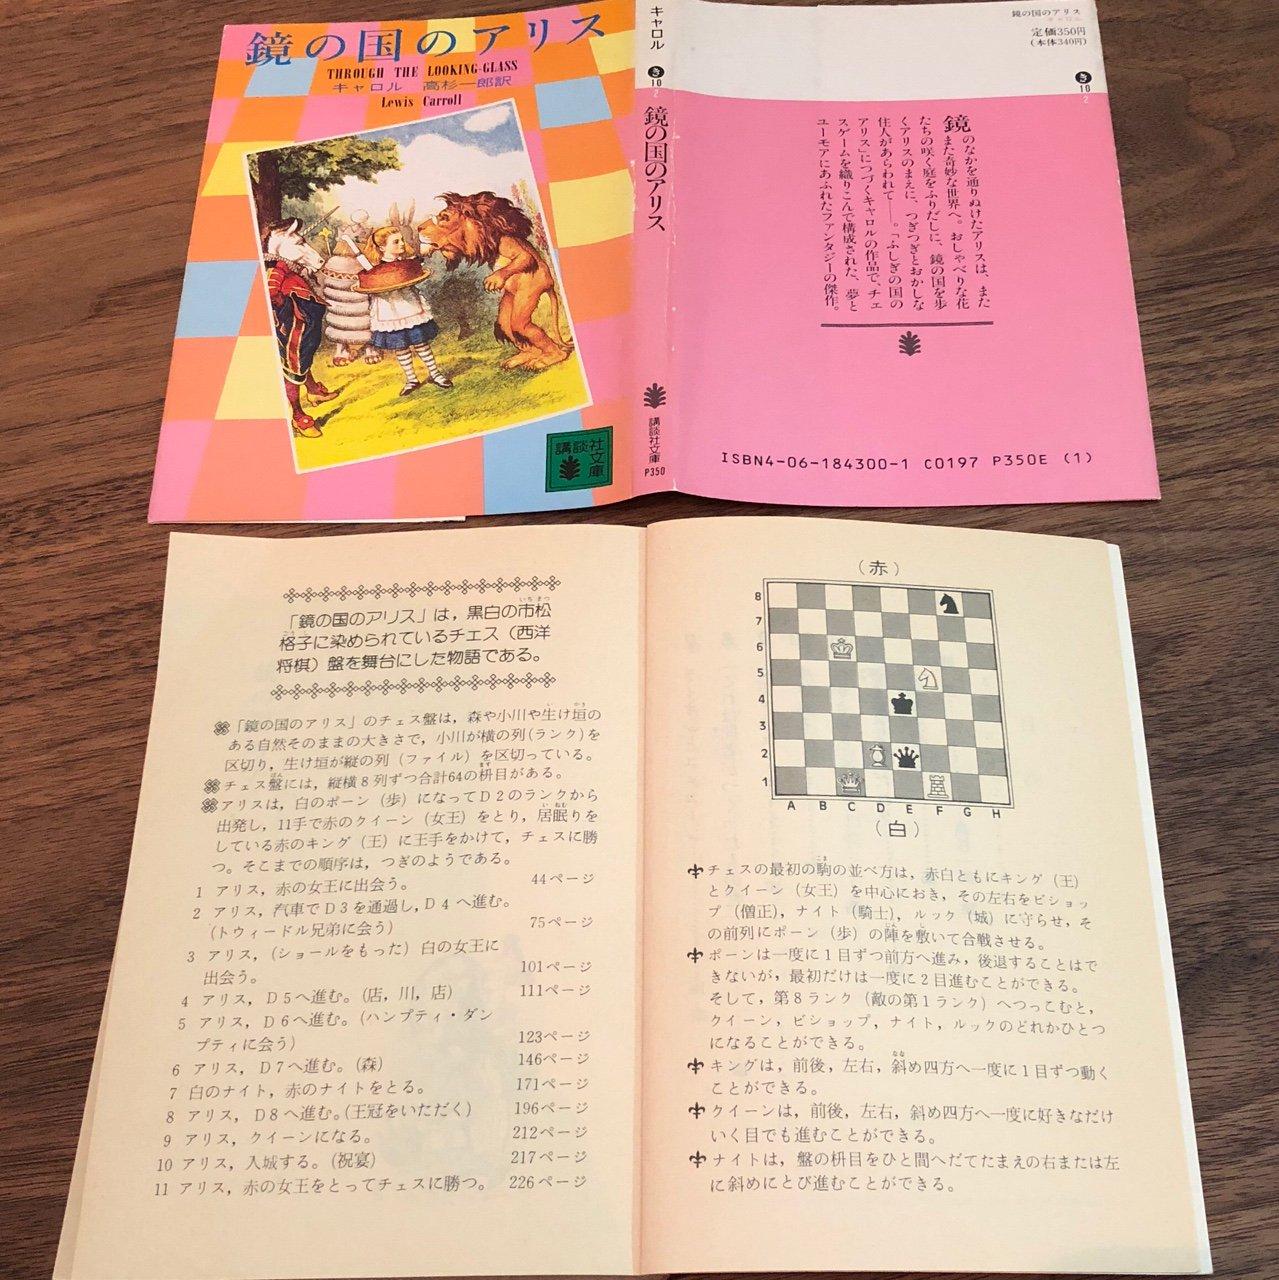 「「鏡の国のアリス」は、黒白の市松格子に染められているチェス (西洋将棋) 盤を舞台にした物語である」 「アリスは、白のポーン (歩) になってD2のランクから出発し、11手で赤のクイーン (女王) をとり、居眠りをしている赤のキング (王) に王手をかけて、チェスに勝つ」 https://t.co/xBCMsIbfQK